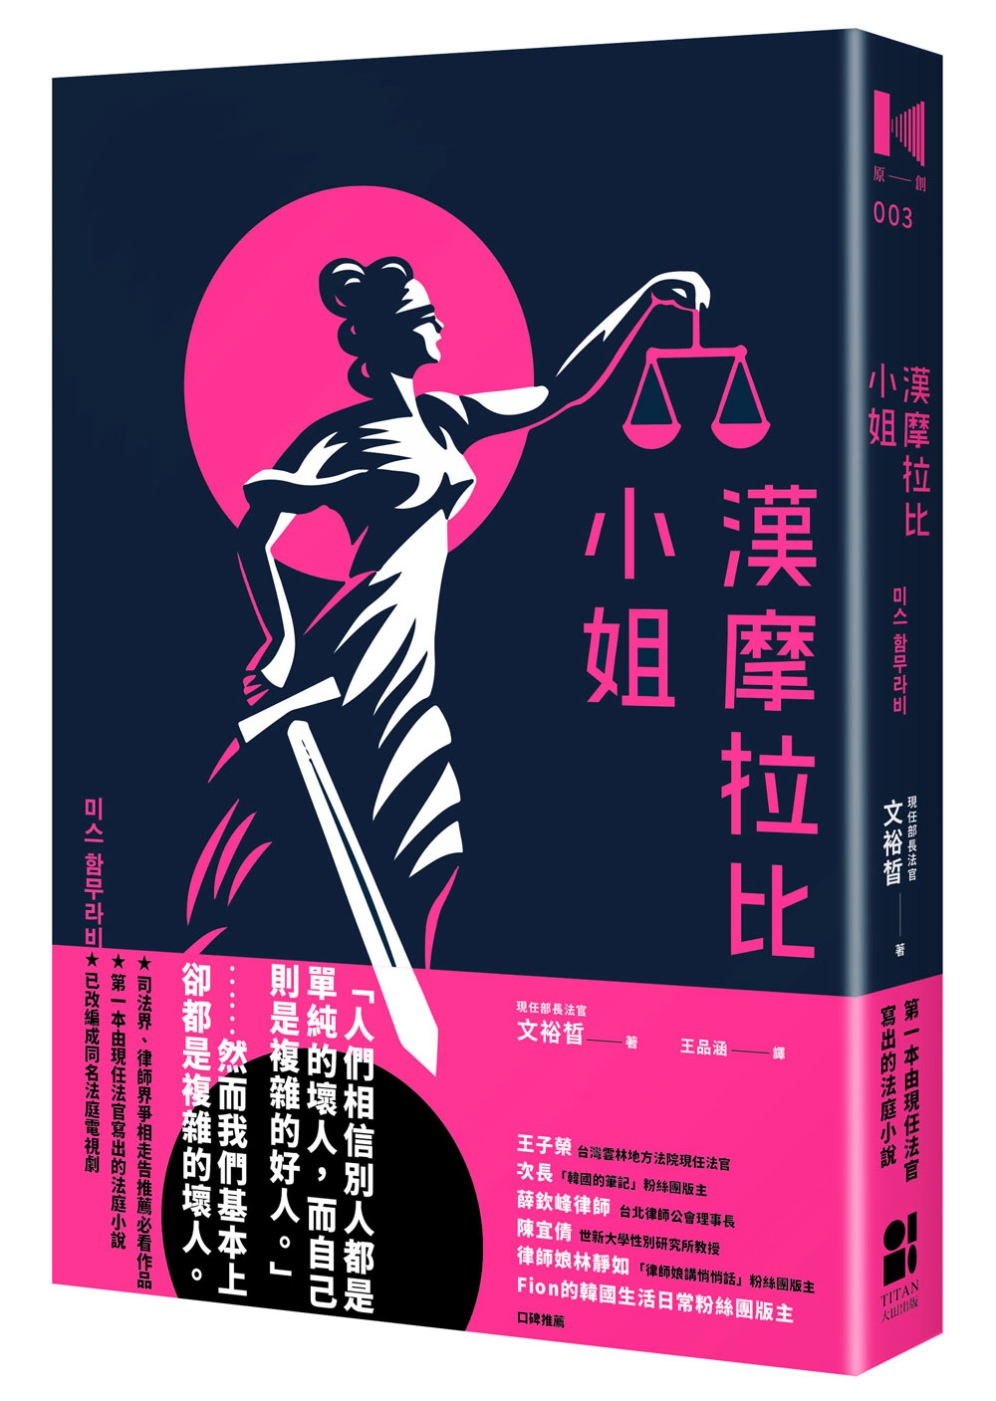 漢摩拉比小姐:現任法官寫的法庭小說